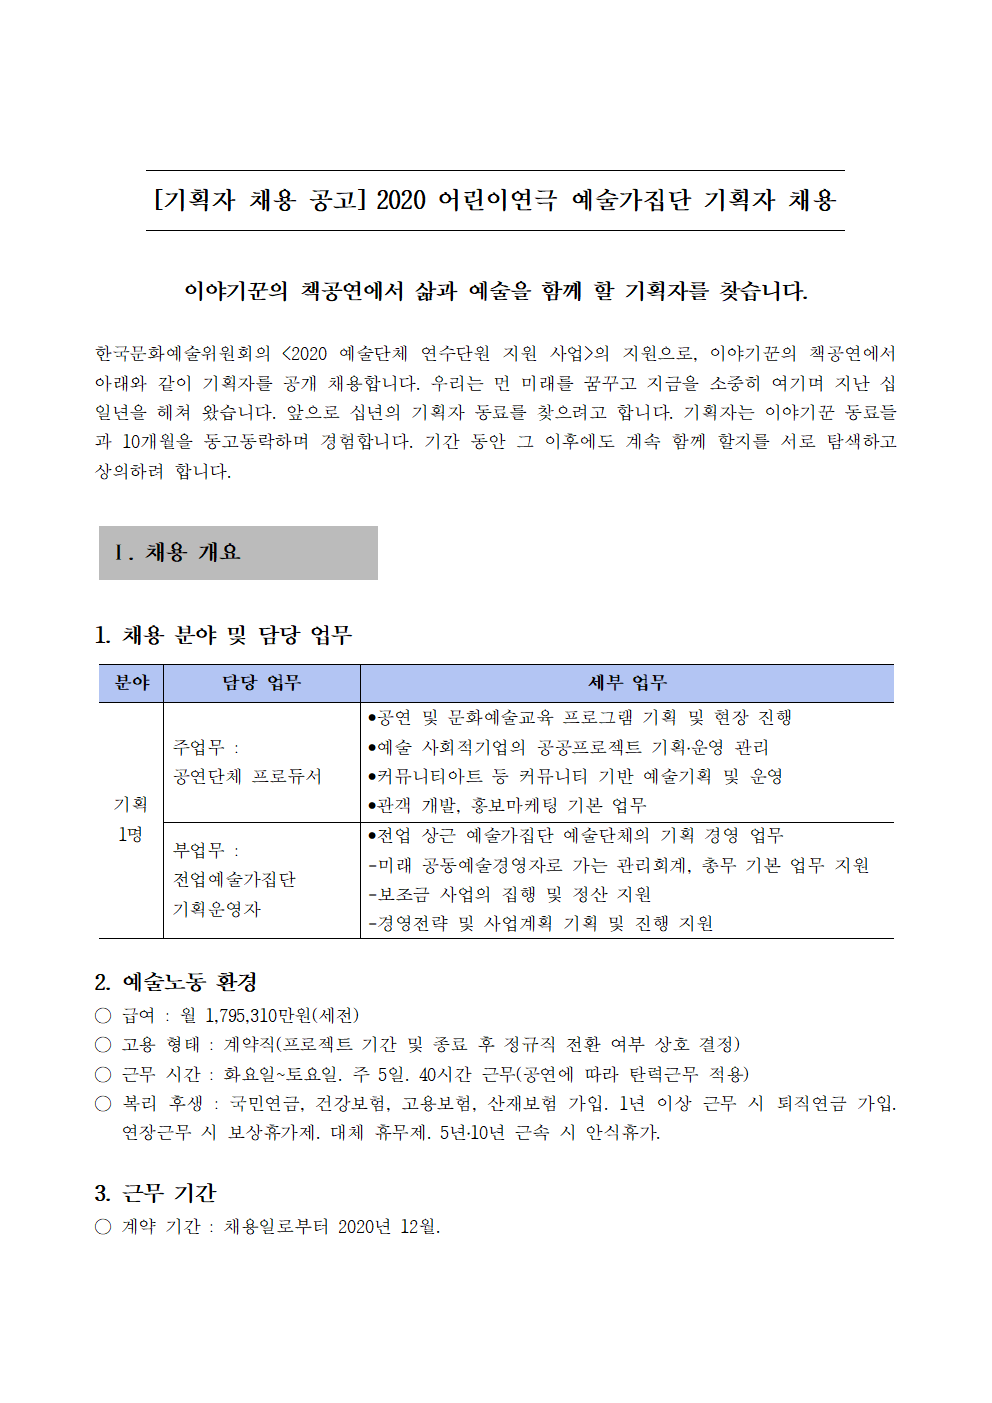 채용공고_예술단체연수단원_기획자모집_2020001.png